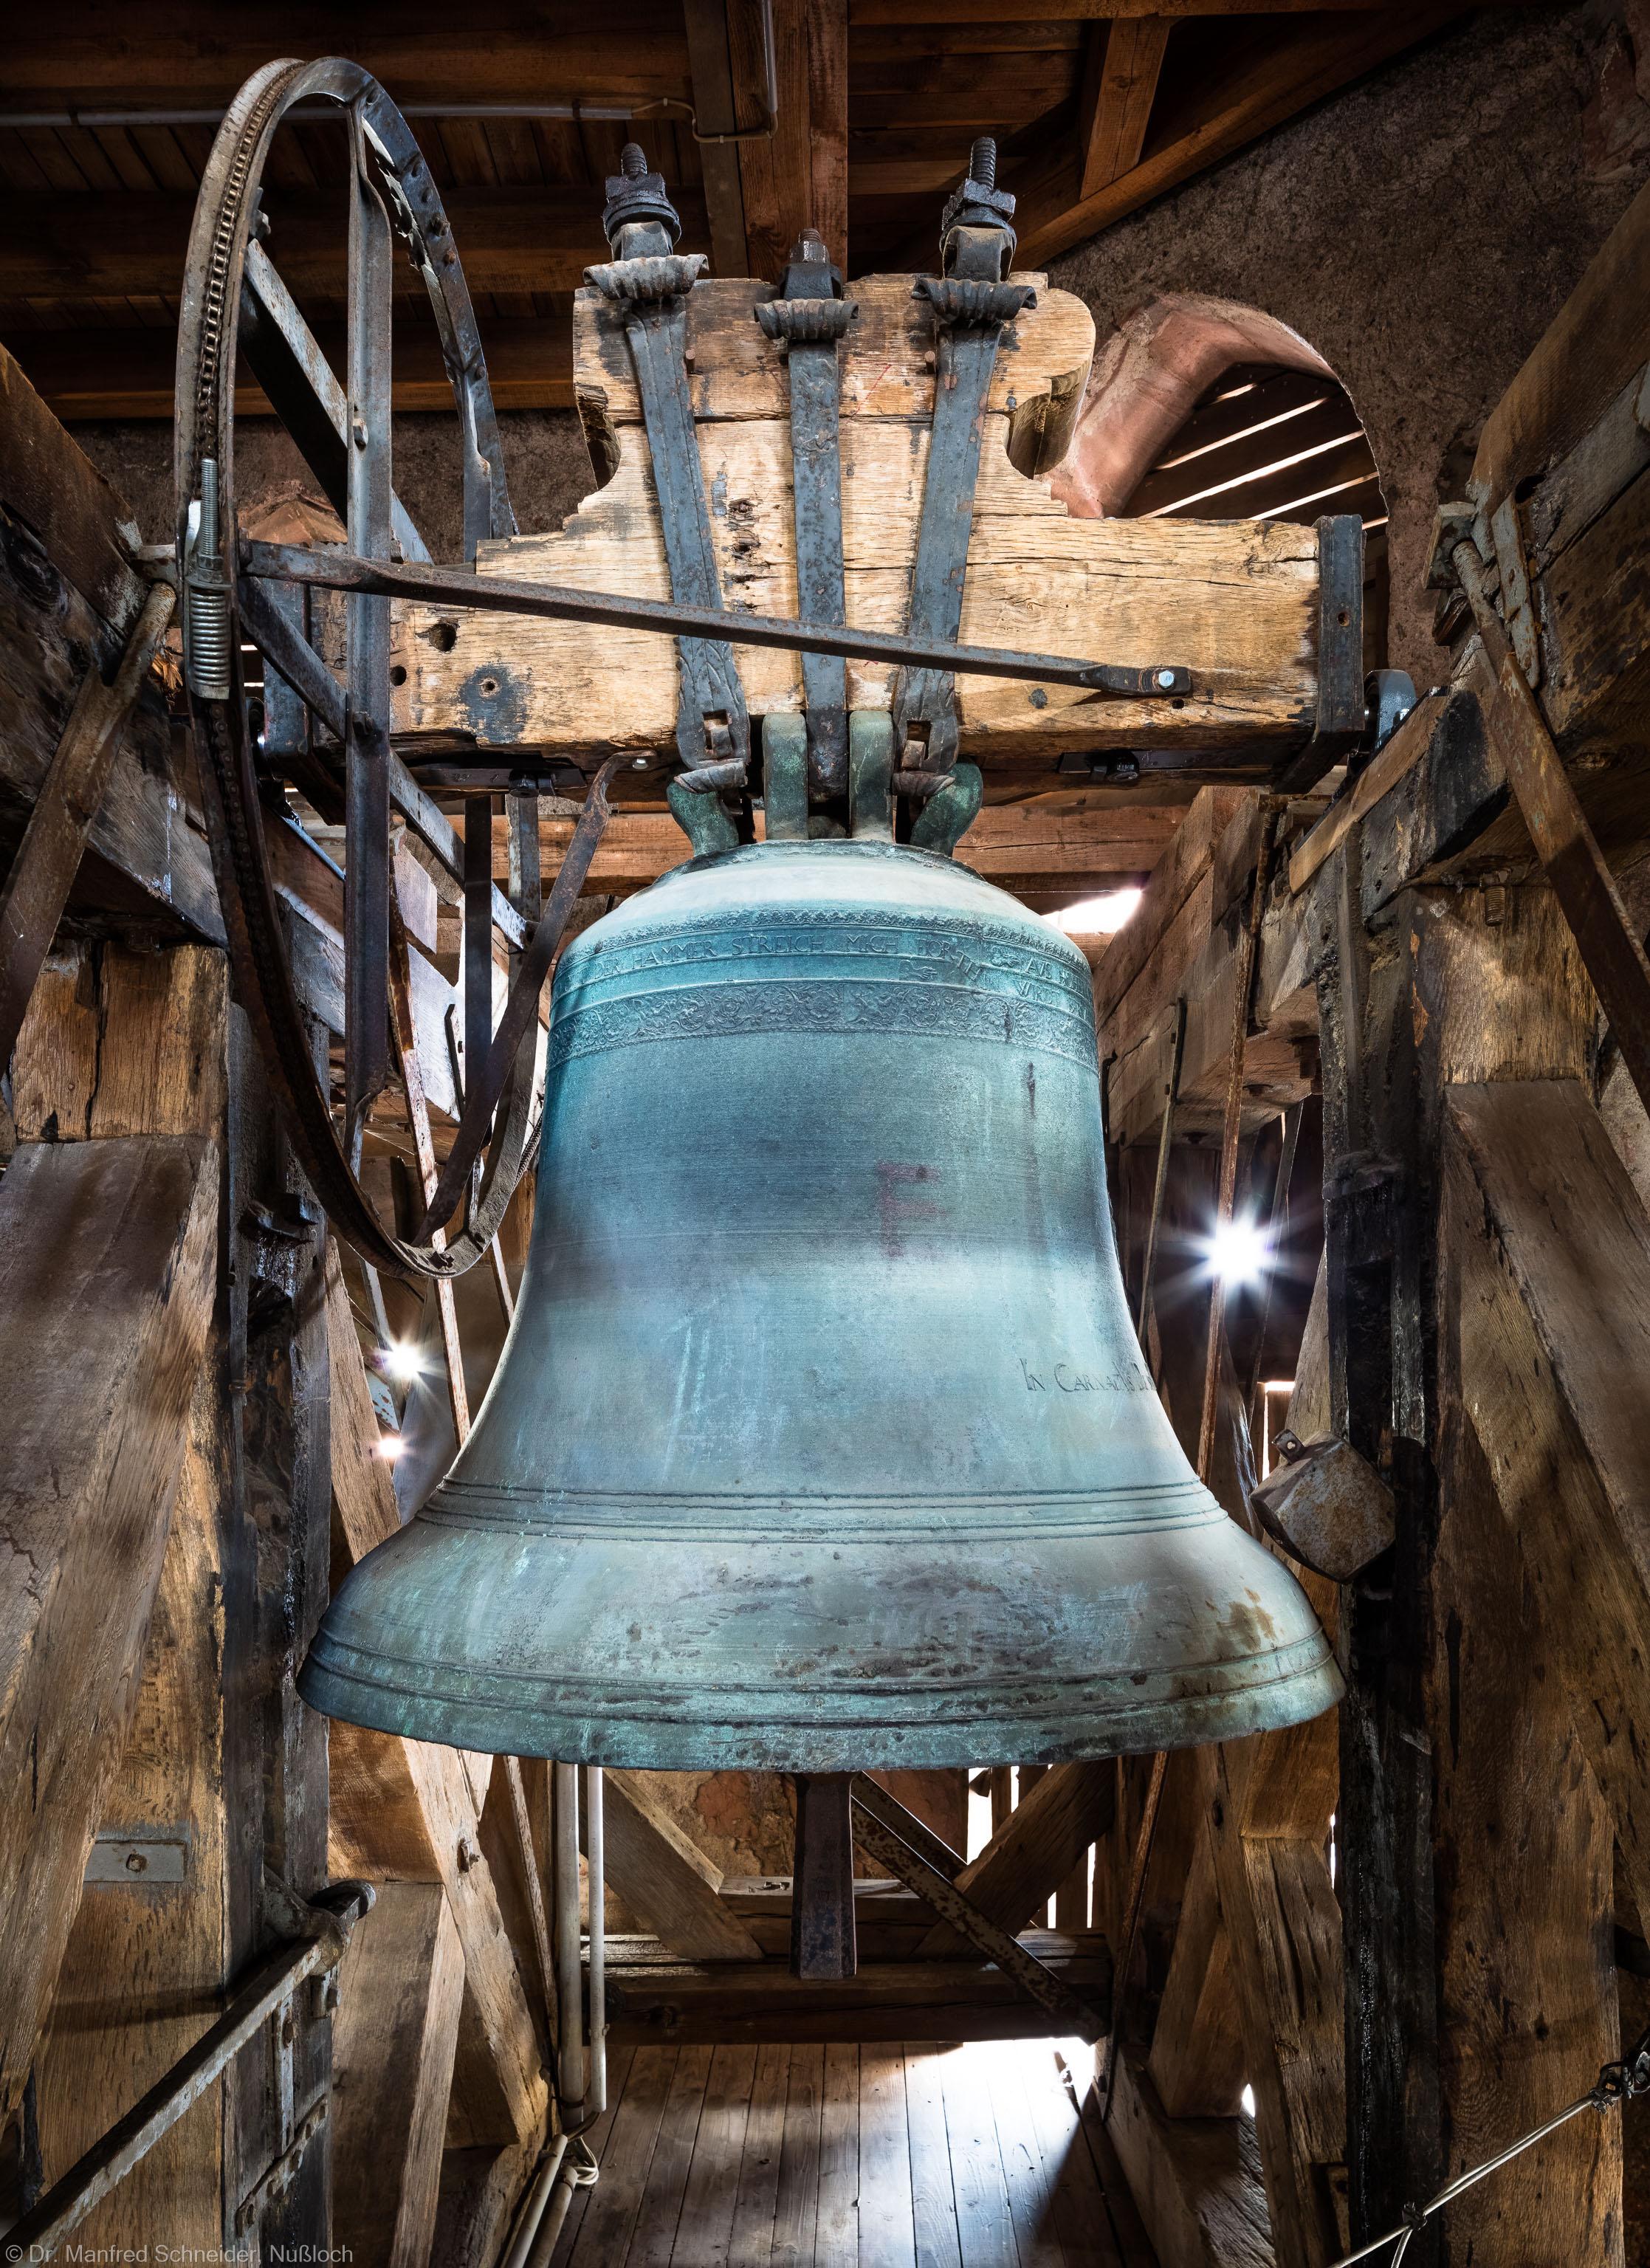 Heidelberg - Heiliggeistkirche - Glockenstuhl - Maria-Glocke von 1738 (Durchmesser 118,5 cm), von Osten aus gesehen (aufgenommen im November 2015, am frühen Nachmittag)